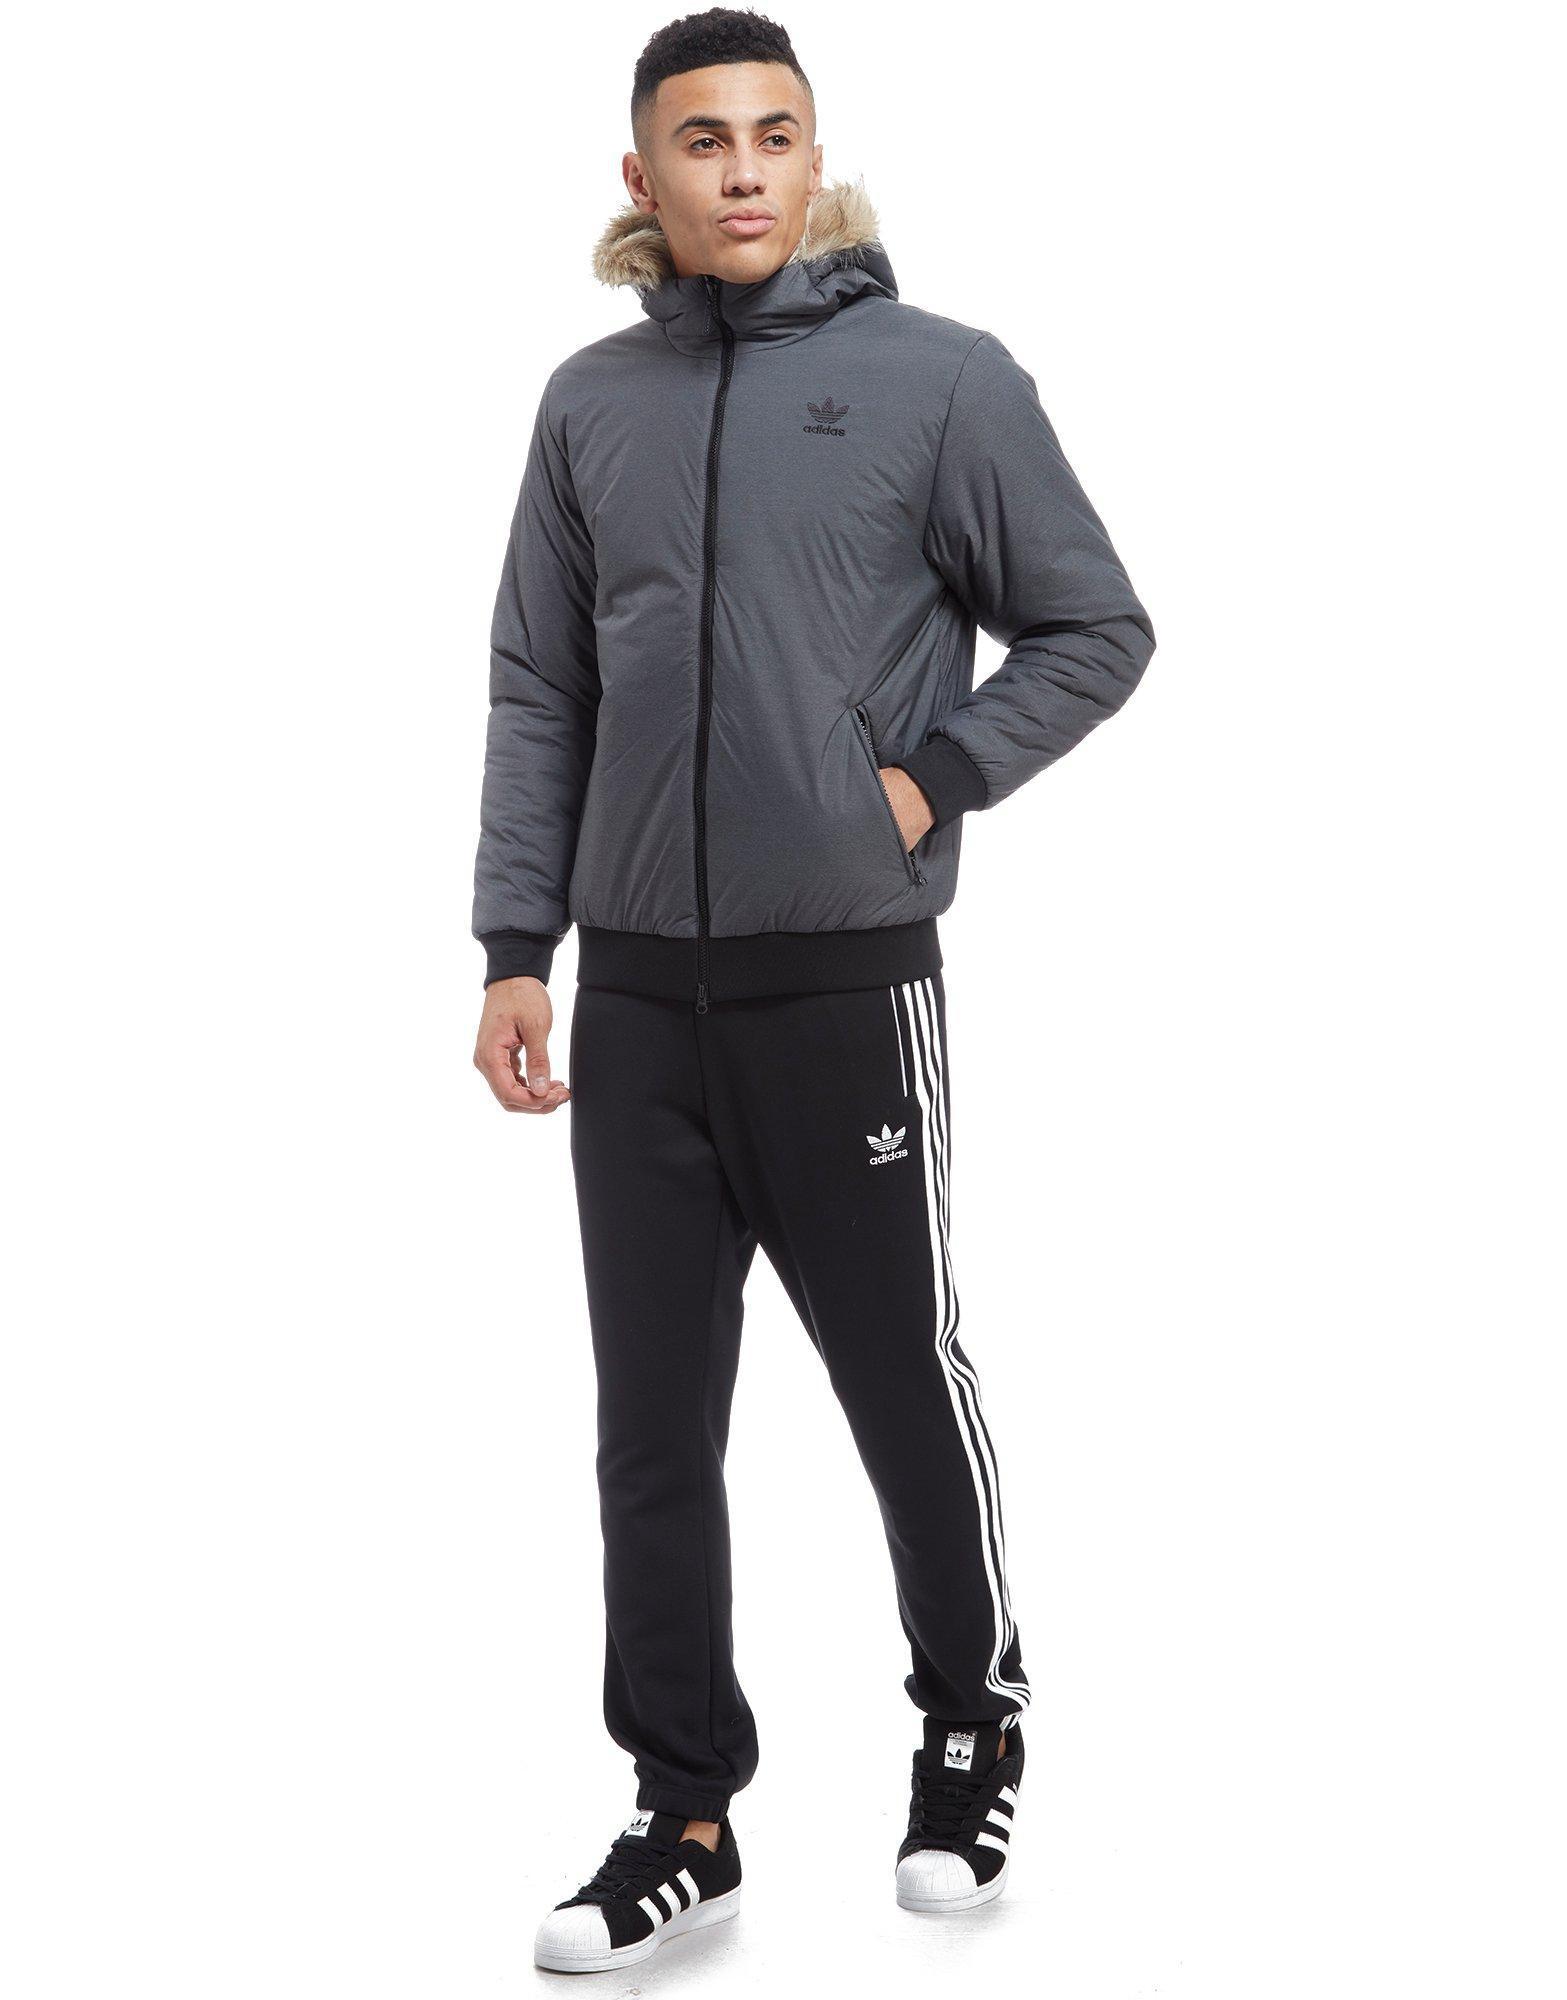 adidas Originals Trefoil Fur Parka Jacket in Grey (Grey ...